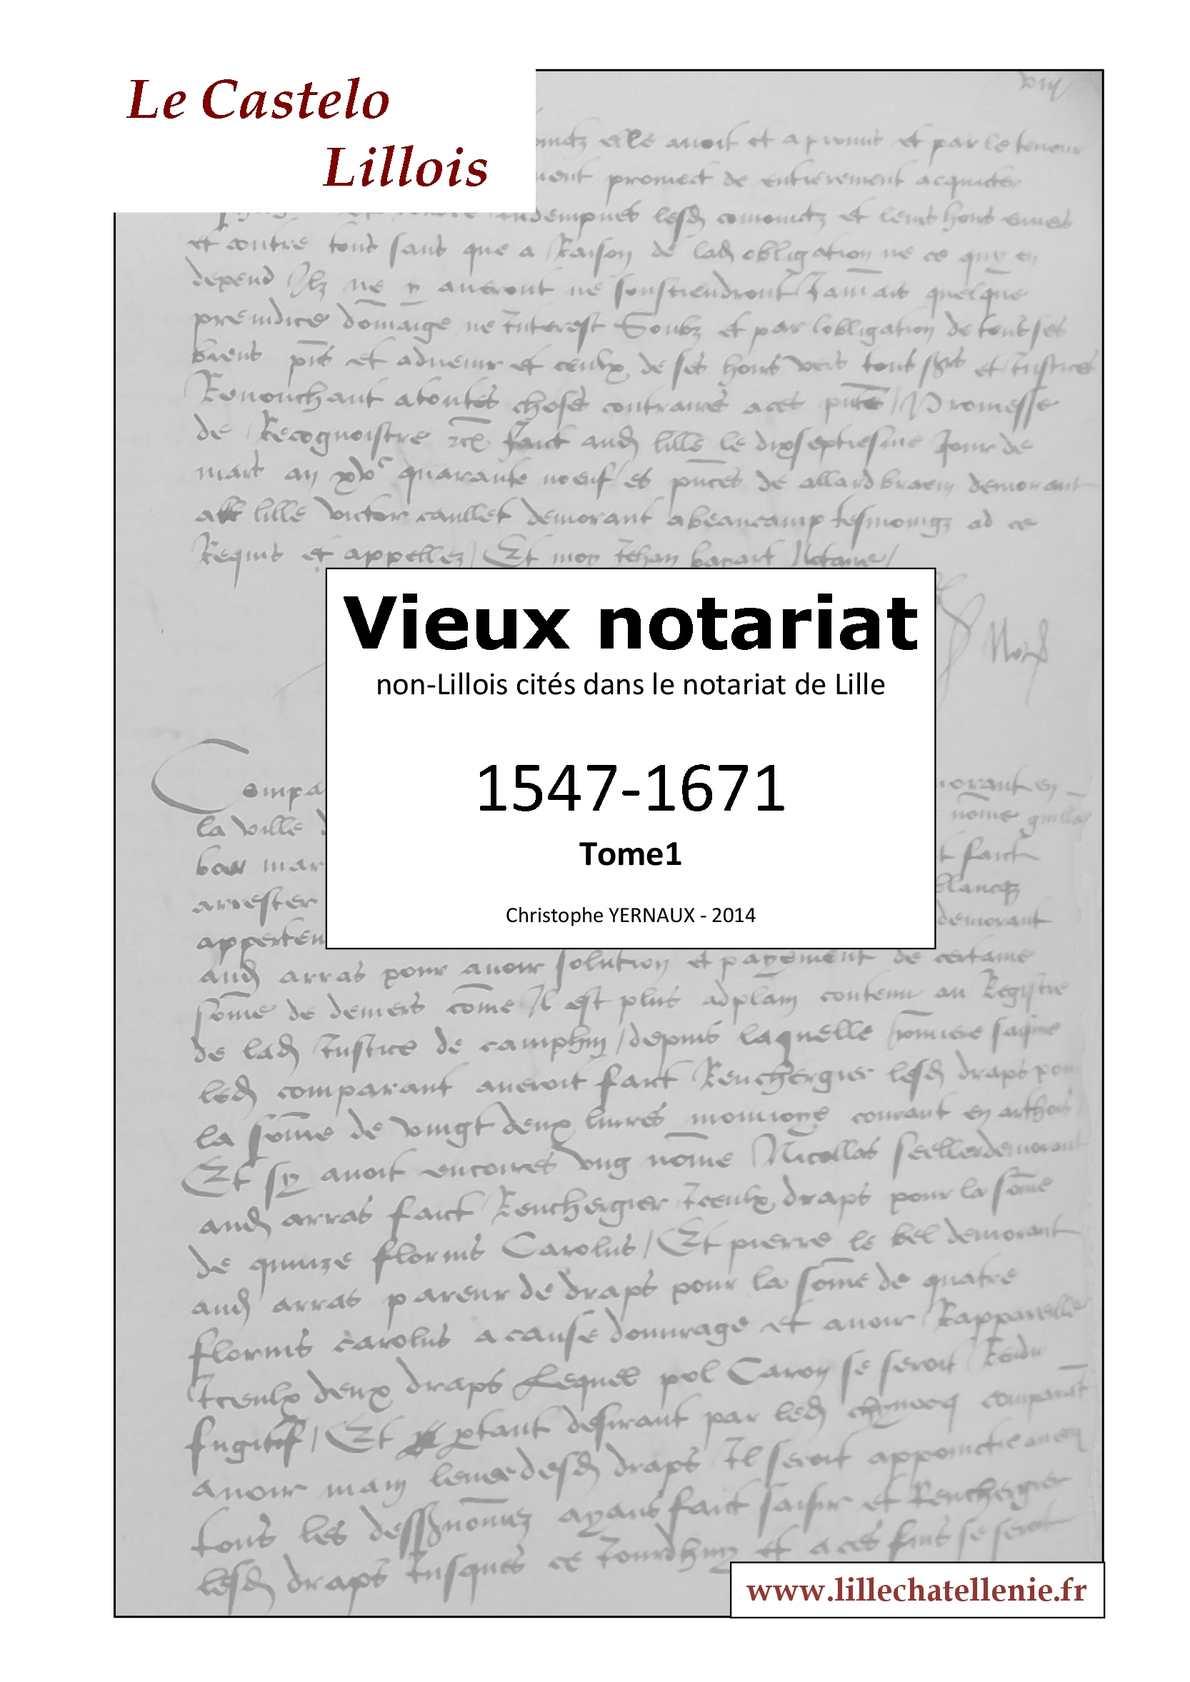 Etrangers dans le notariat Lillois n°1